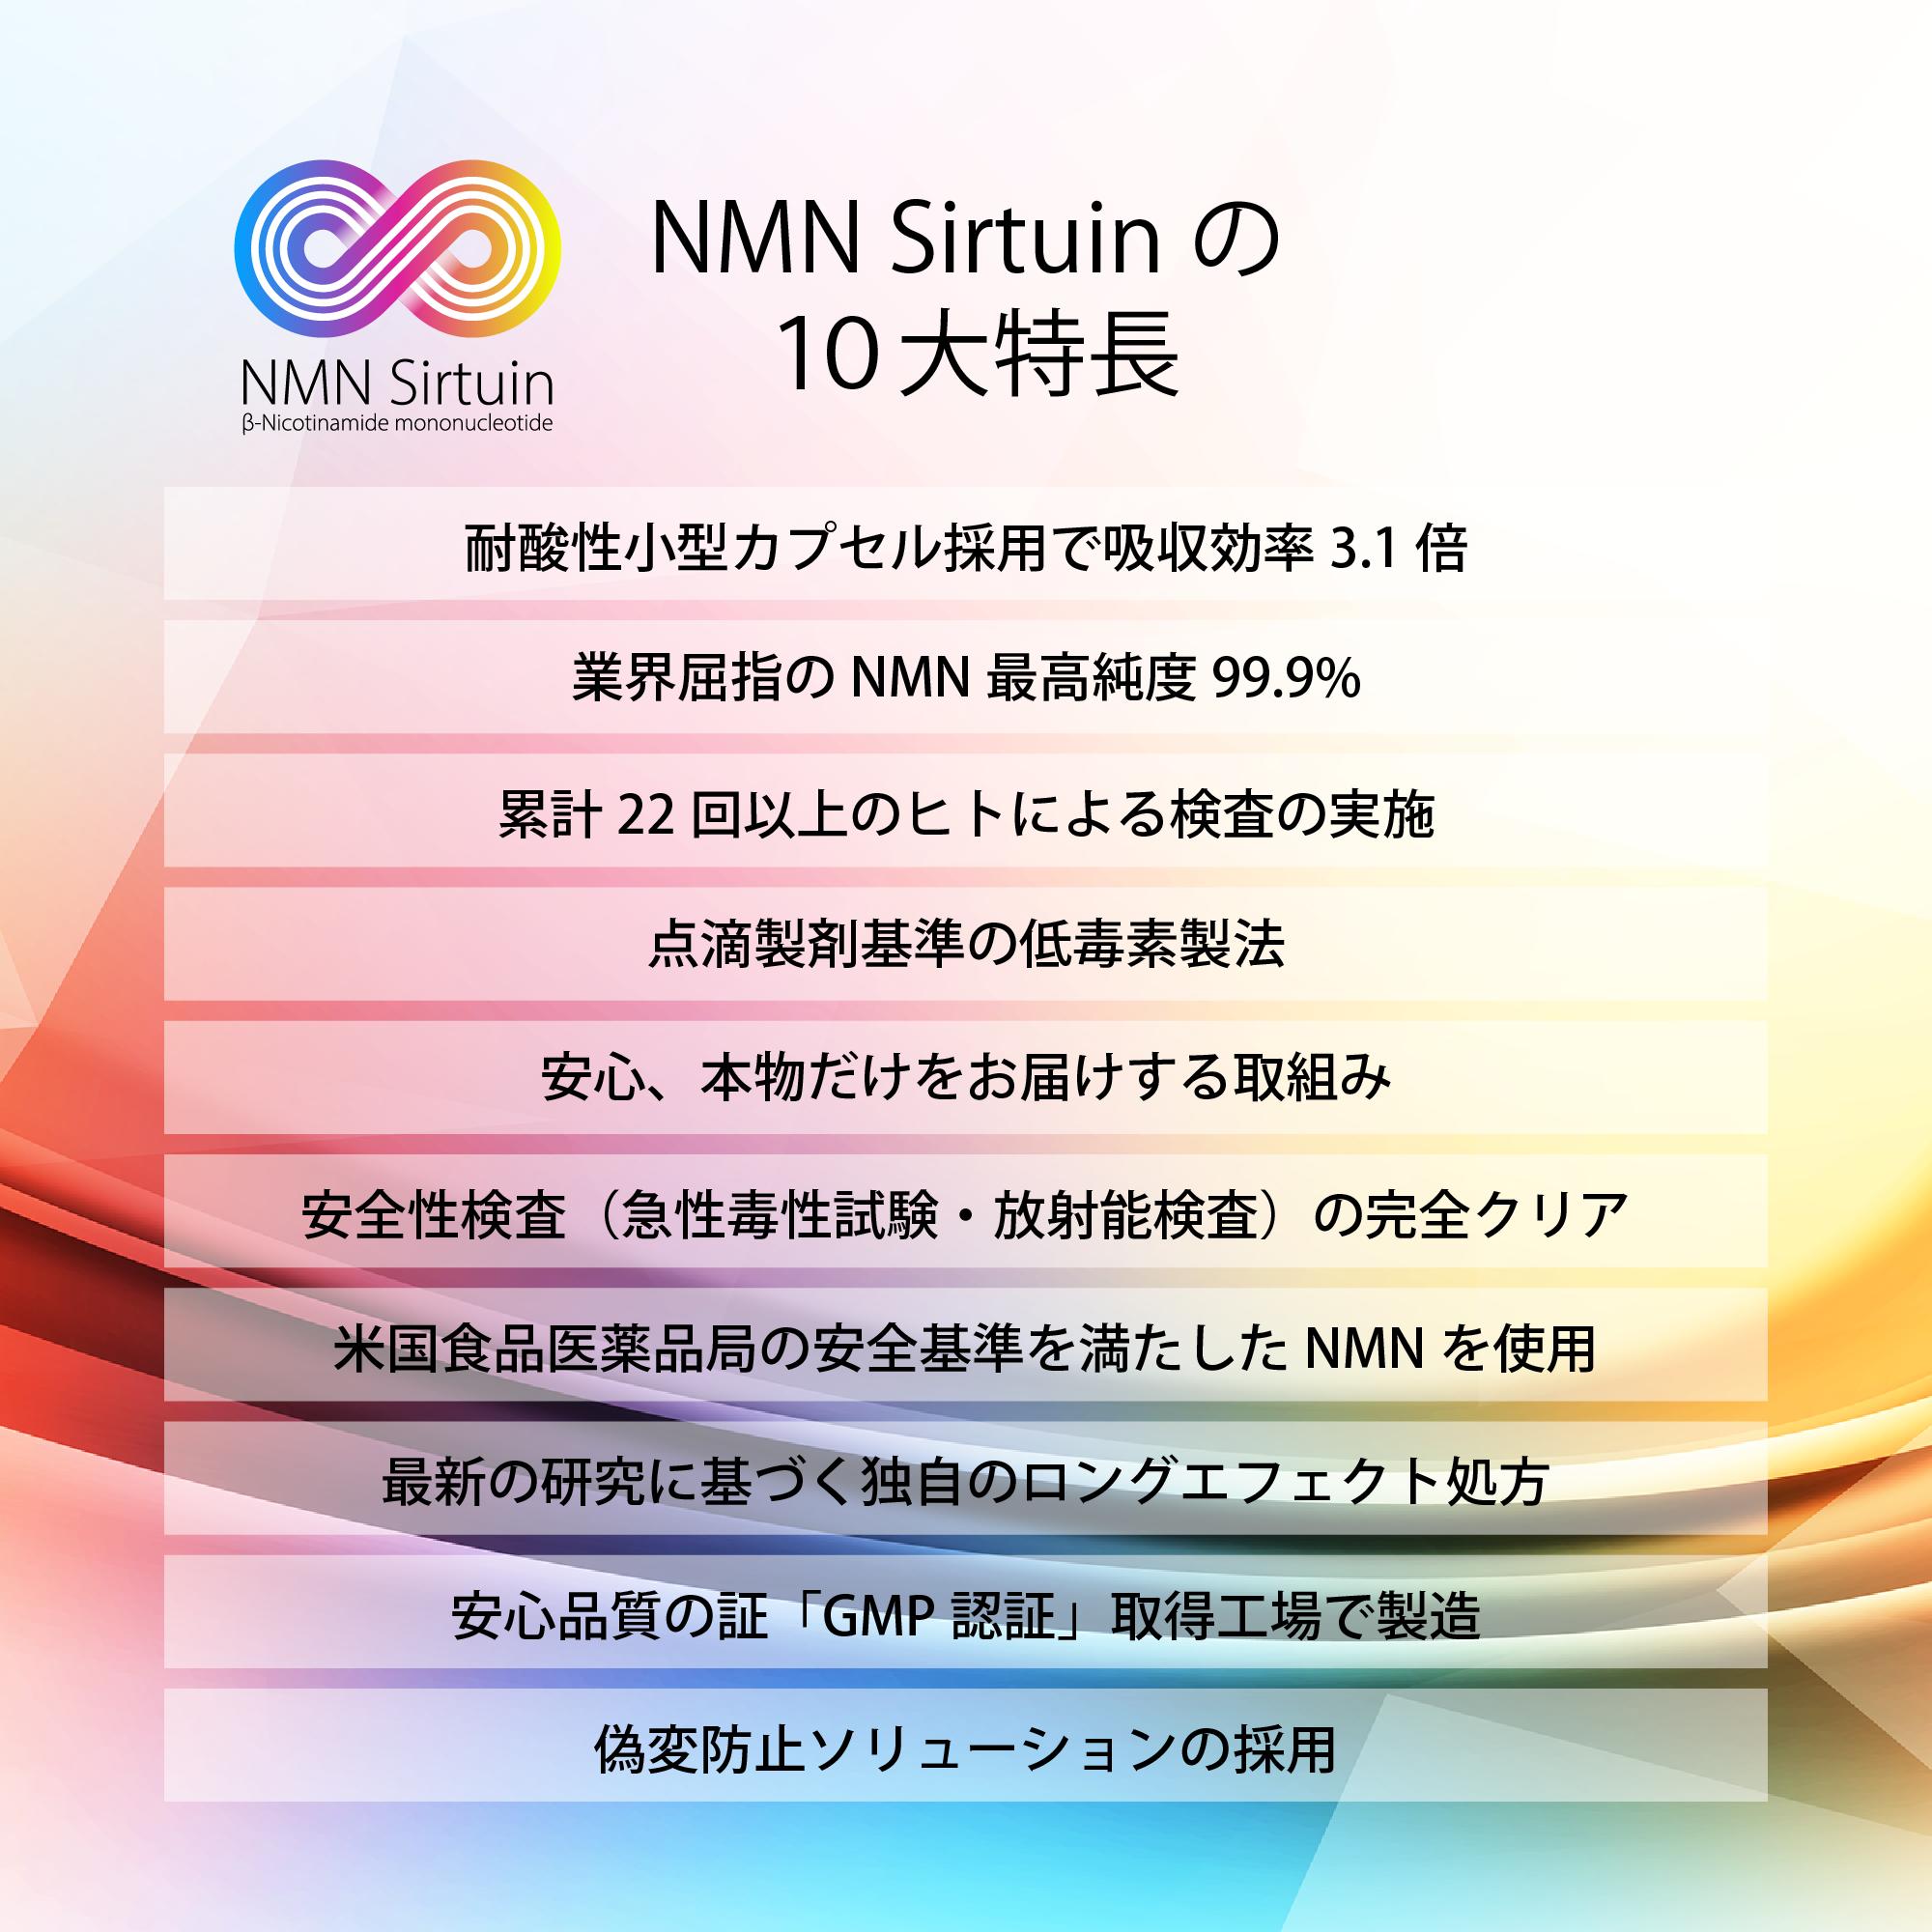 NMN Sirtuin(エヌエムエヌサーチュイン)の10大特長